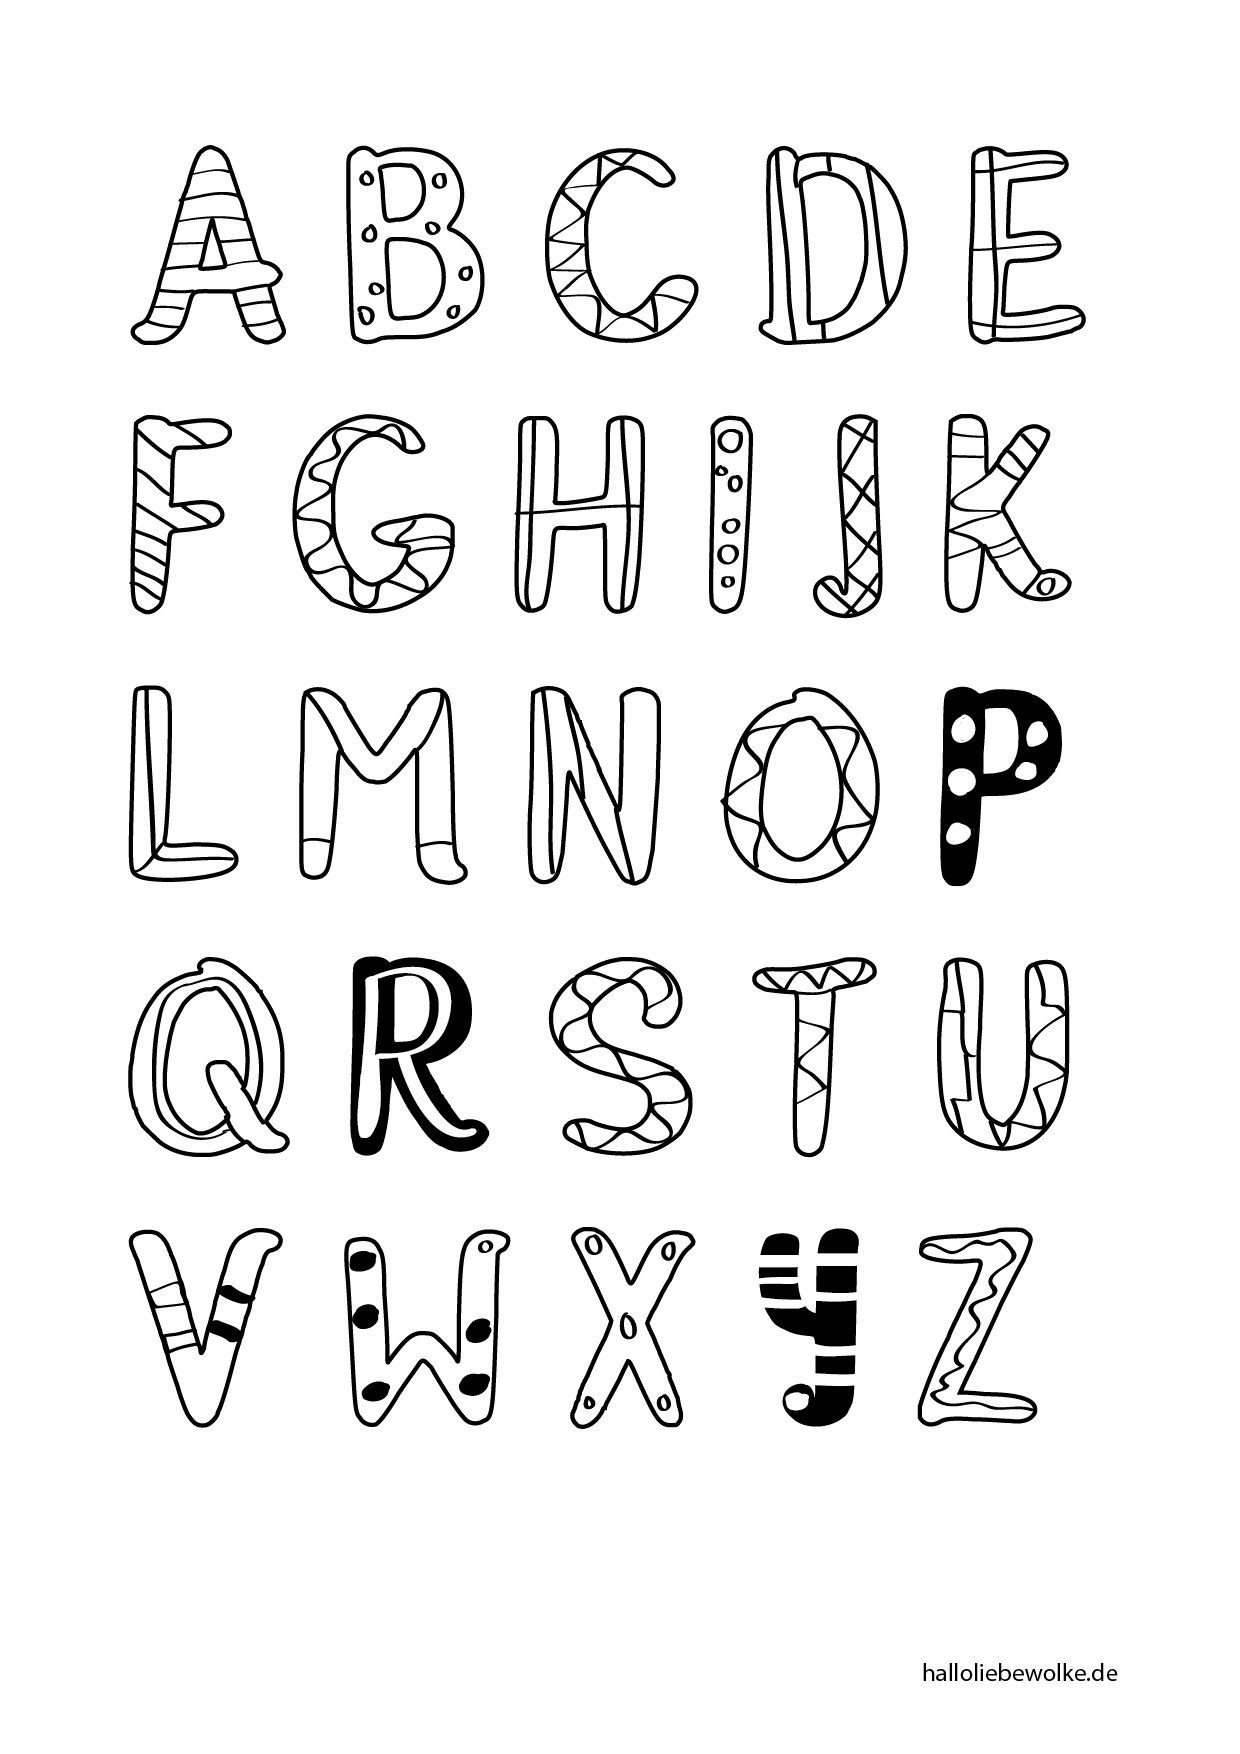 Alphabet Ausmalbild Malvorlage Alphabet Malvorlagen Buchstaben Lernen Malvorlagen Fur Kinder